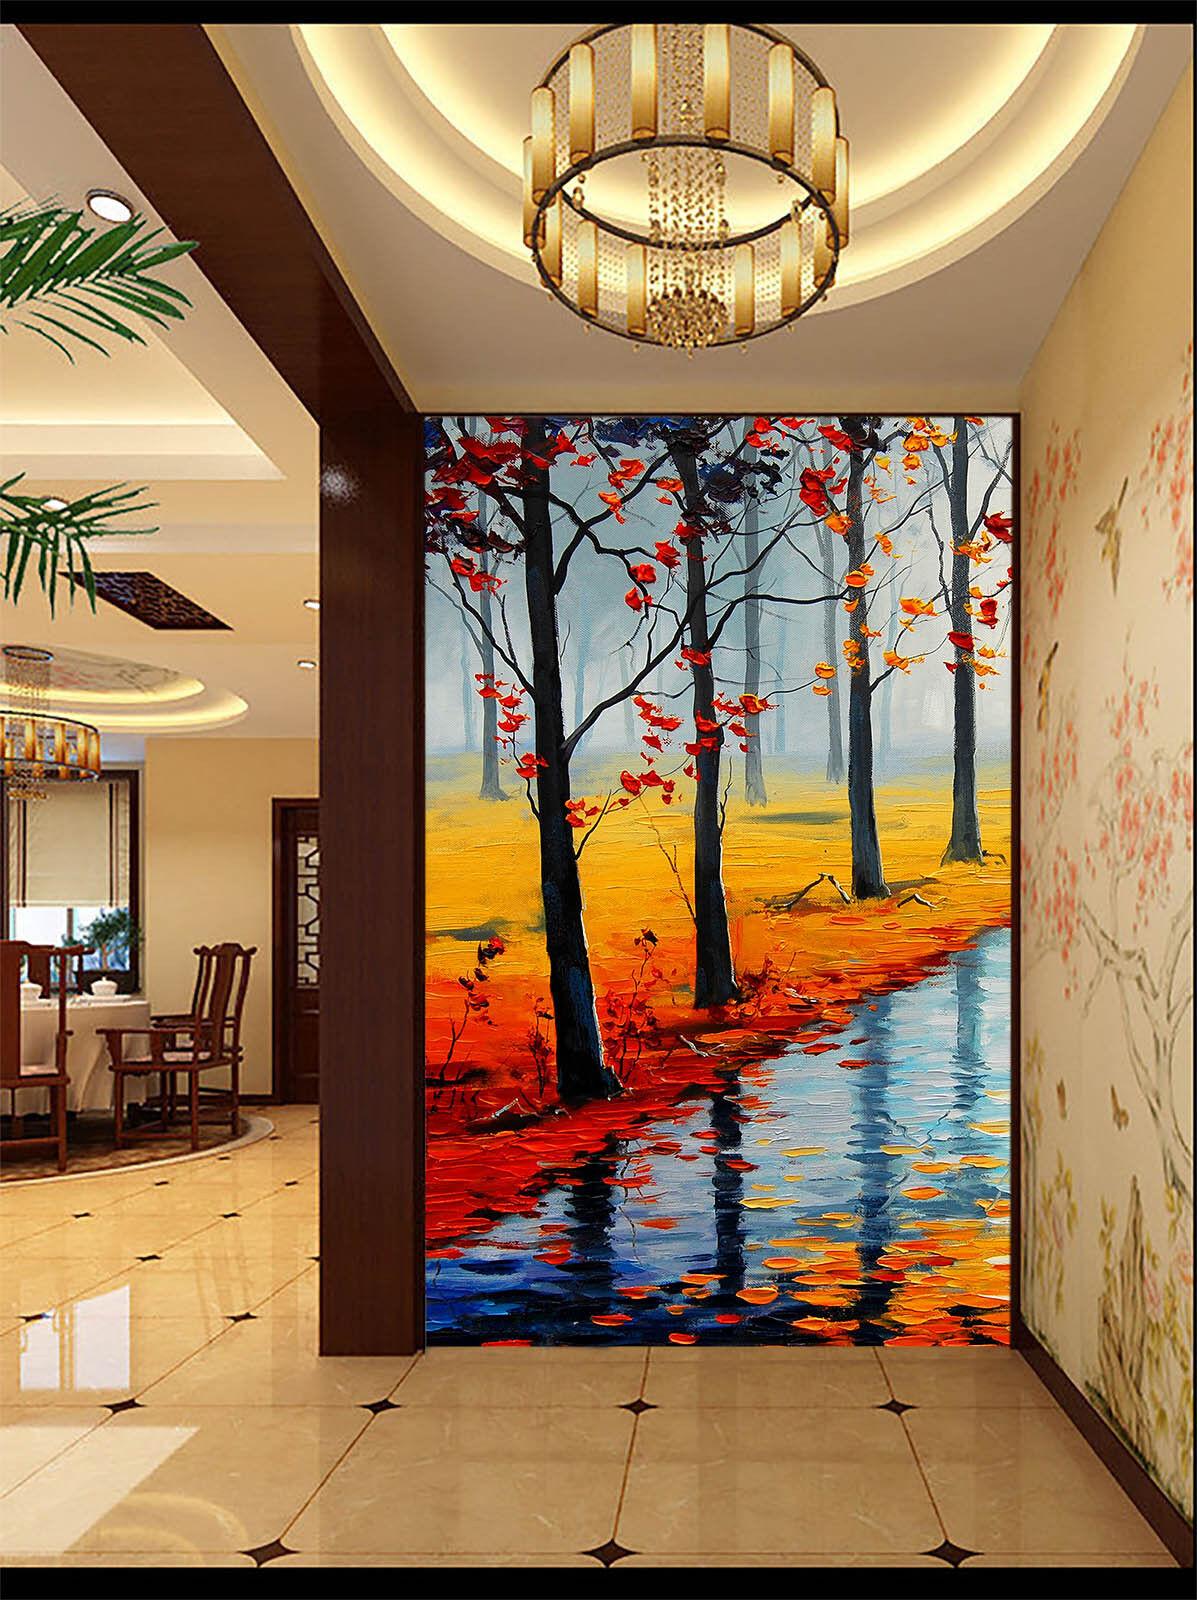 3D Am Fluss Wald 01435 Fototapeten Wandbild Fototapete BildTapete Familie DE